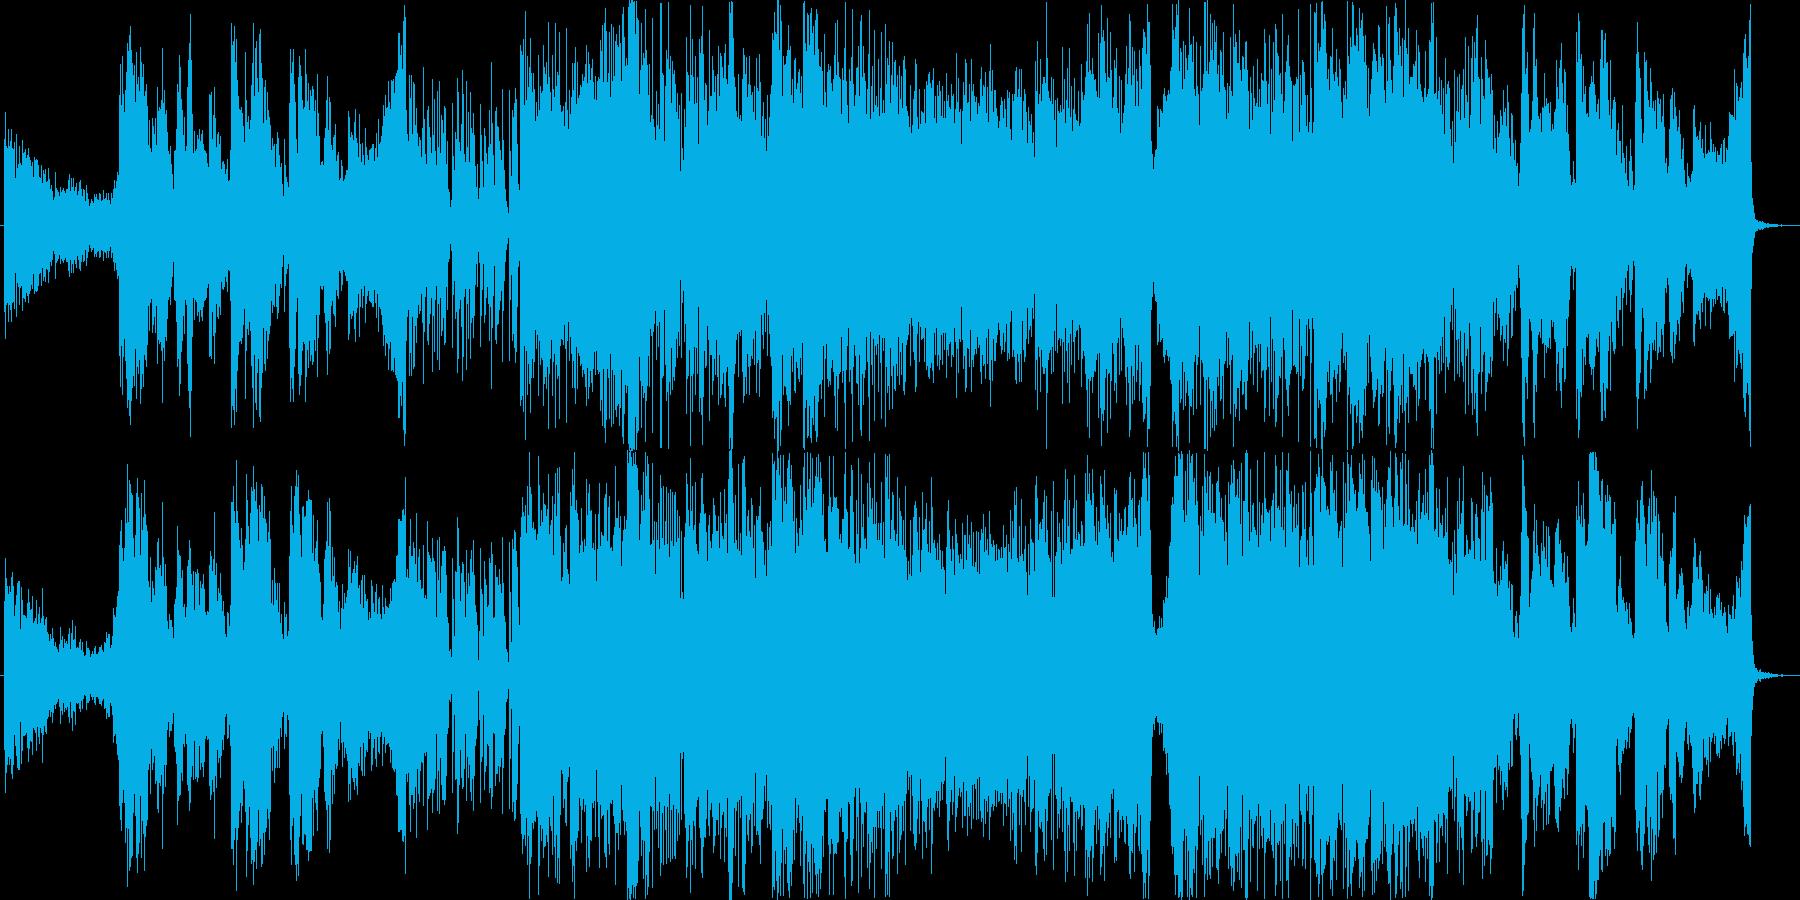 映画・劇伴向けシネマティック和風テーマ曲の再生済みの波形